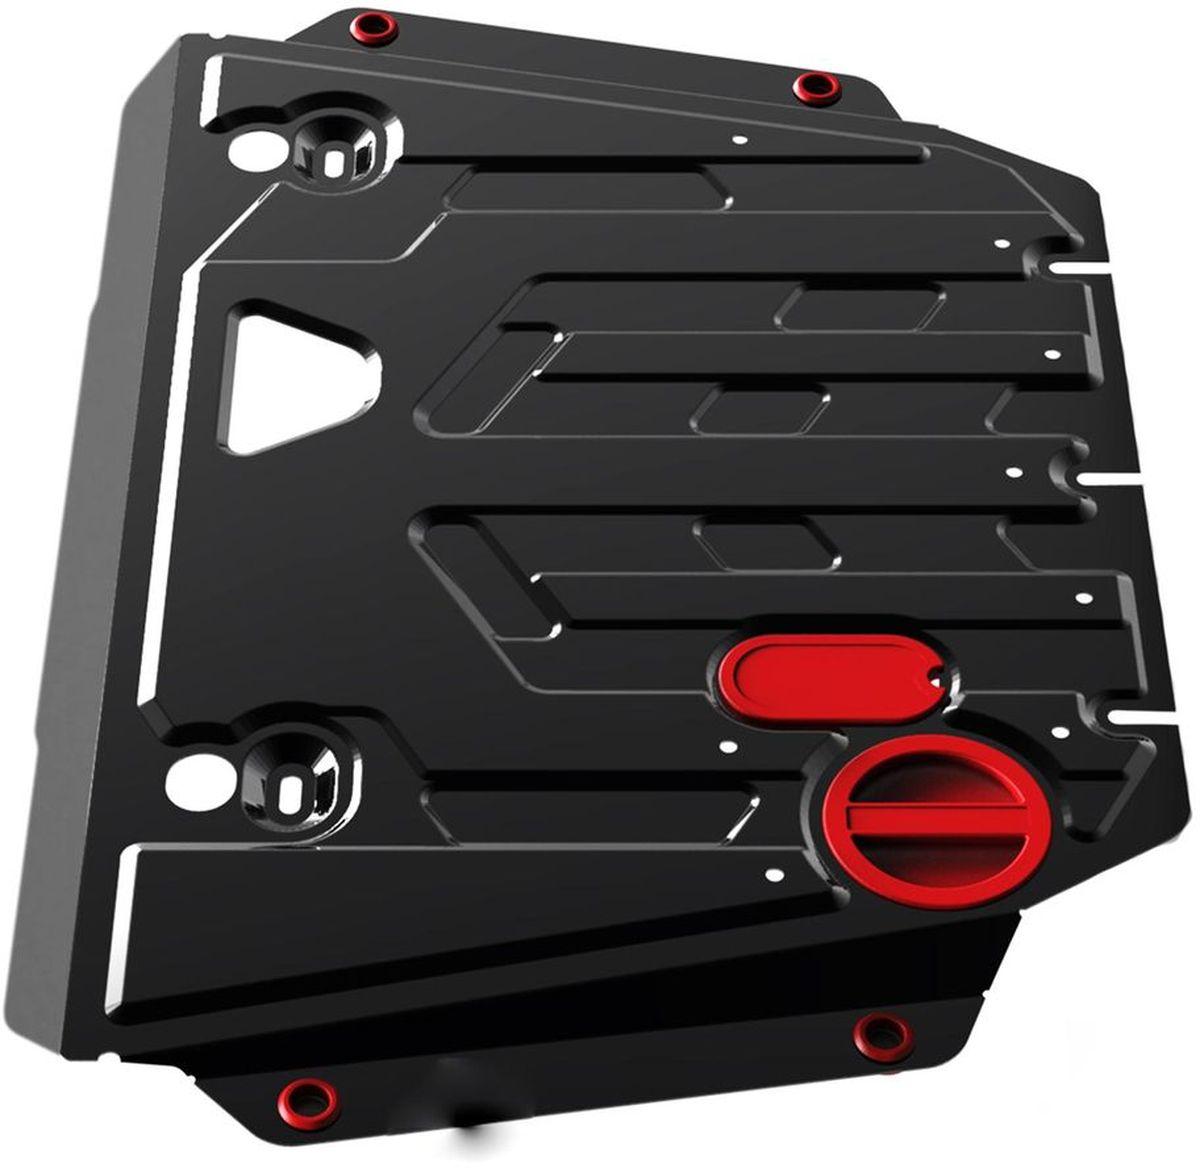 Защита картера и КПП Автоброня Chery Fora 2006-2010/Hyundai Vortex Estina 2008-2012, сталь 2 мм111.00902.3Защита картера и КПП Автоброня для Chery Fora, V - 1,6; 2,0 2006-2010/Hyundai Vortex Estina, V - 1,6; 2,0 2008-2012, сталь 2 мм, комплект крепежа, 111.00902.3Стальные защиты Автоброня надежно защищают ваш автомобиль от повреждений при наезде на бордюры, выступающие канализационные люки, кромки поврежденного асфальта или при ремонте дорог, не говоря уже о загородных дорогах.- Имеют оптимальное соотношение цена-качество.- Спроектированы с учетом особенностей автомобиля, что делает установку удобной.- Защита устанавливается в штатные места кузова автомобиля.- Является надежной защитой для важных элементов на протяжении долгих лет.- Глубокий штамп дополнительно усиливает конструкцию защиты.- Подштамповка в местах крепления защищает крепеж от срезания.- Технологические отверстия там, где они необходимы для смены масла и слива воды, оборудованные заглушками, закрепленными на защите.Толщина стали 2 мм.В комплекте крепеж и инструкция по установке.Уважаемые клиенты!Обращаем ваше внимание на тот факт, что защита имеет форму, соответствующую модели данного автомобиля. Наличие глубокого штампа и лючков для смены фильтров/масла предусмотрено не на всех защитах. Фото служит для визуального восприятия товара.